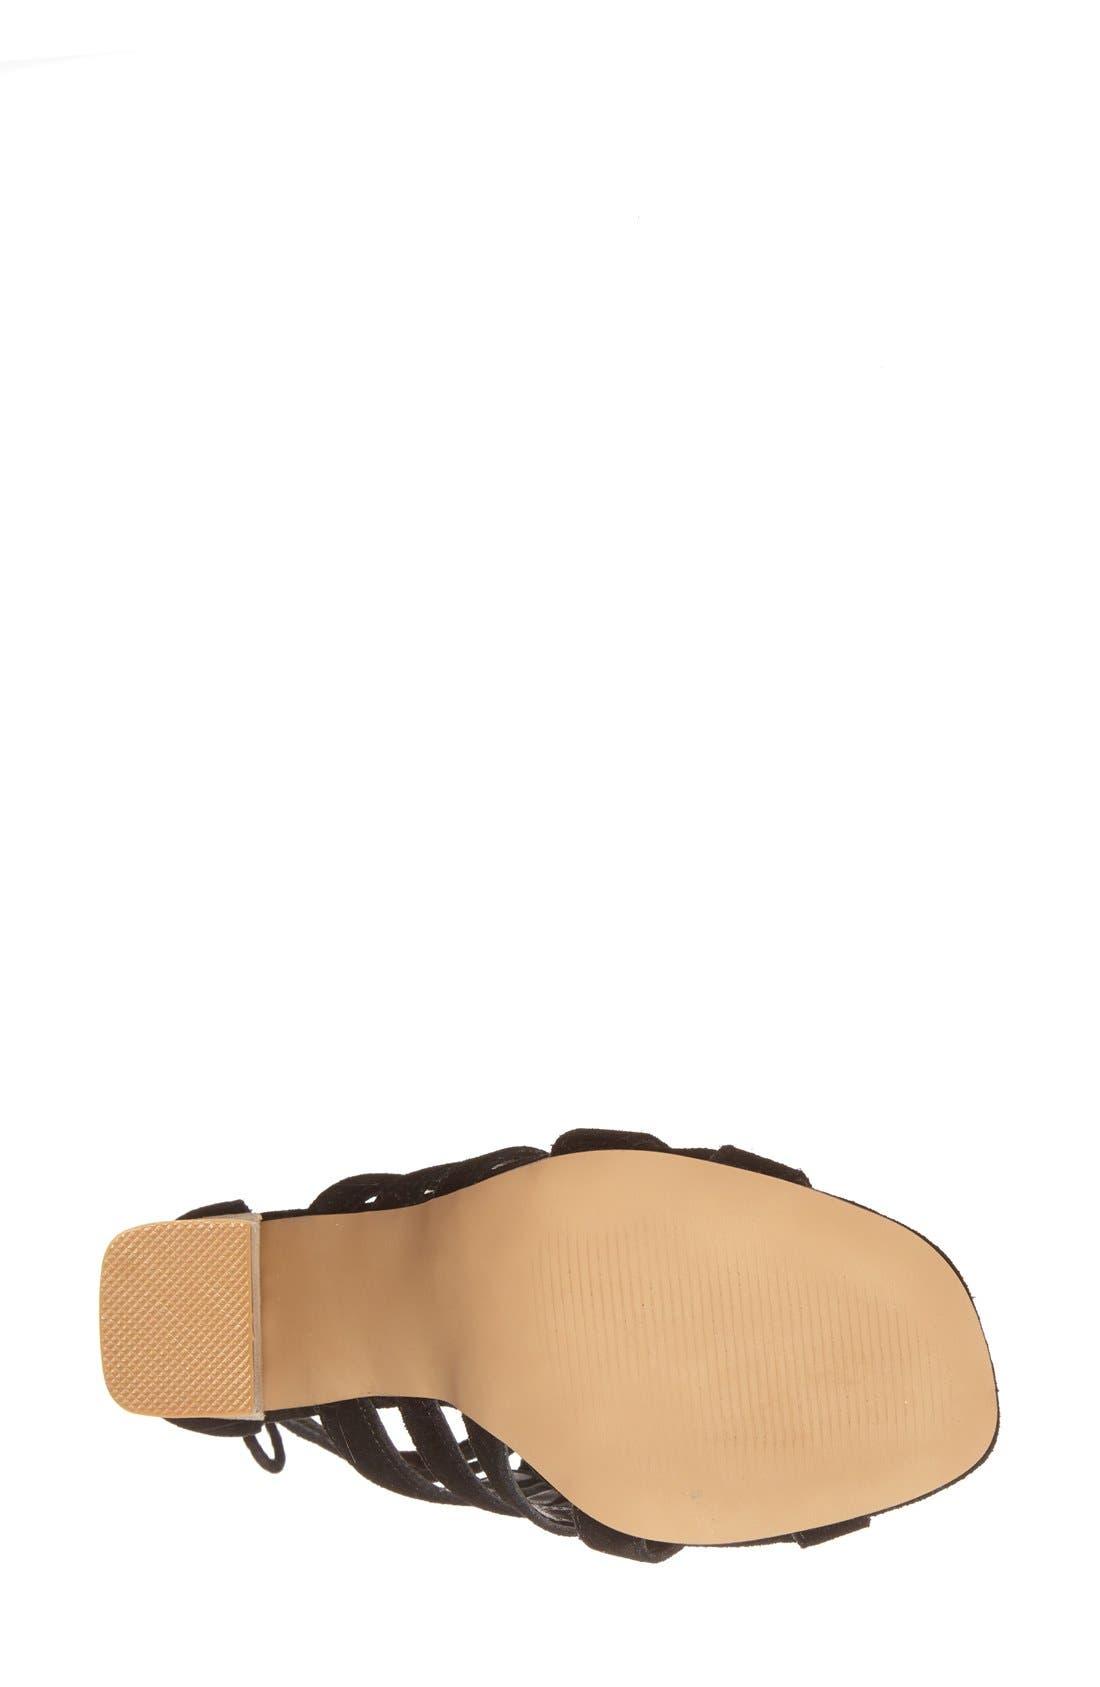 Alternate Image 4  - Steve Madden 'Tasssal' Lace-Up Sandal (Women)